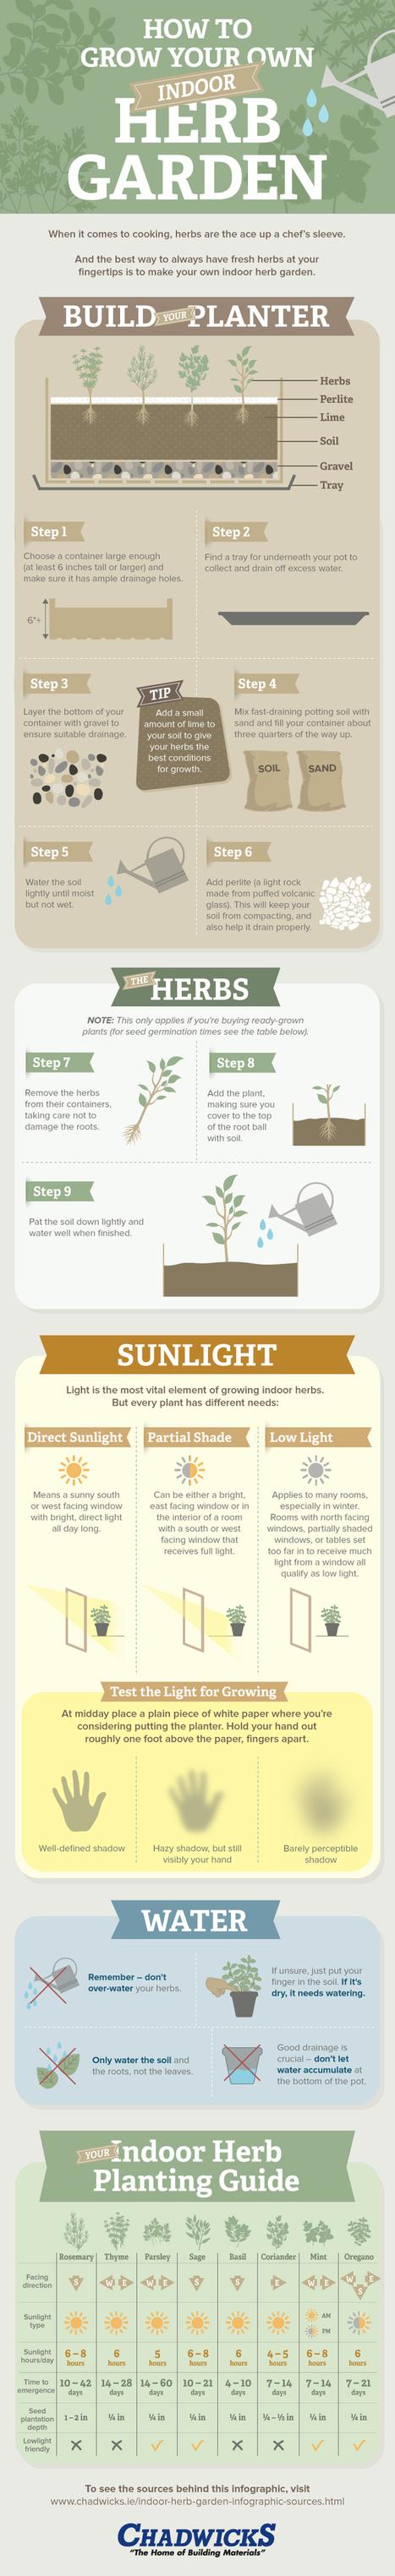 How To Grow Your Own Indoor Herb Garden - Chadwicks Blog | Balcony Gardening | Scoop.it